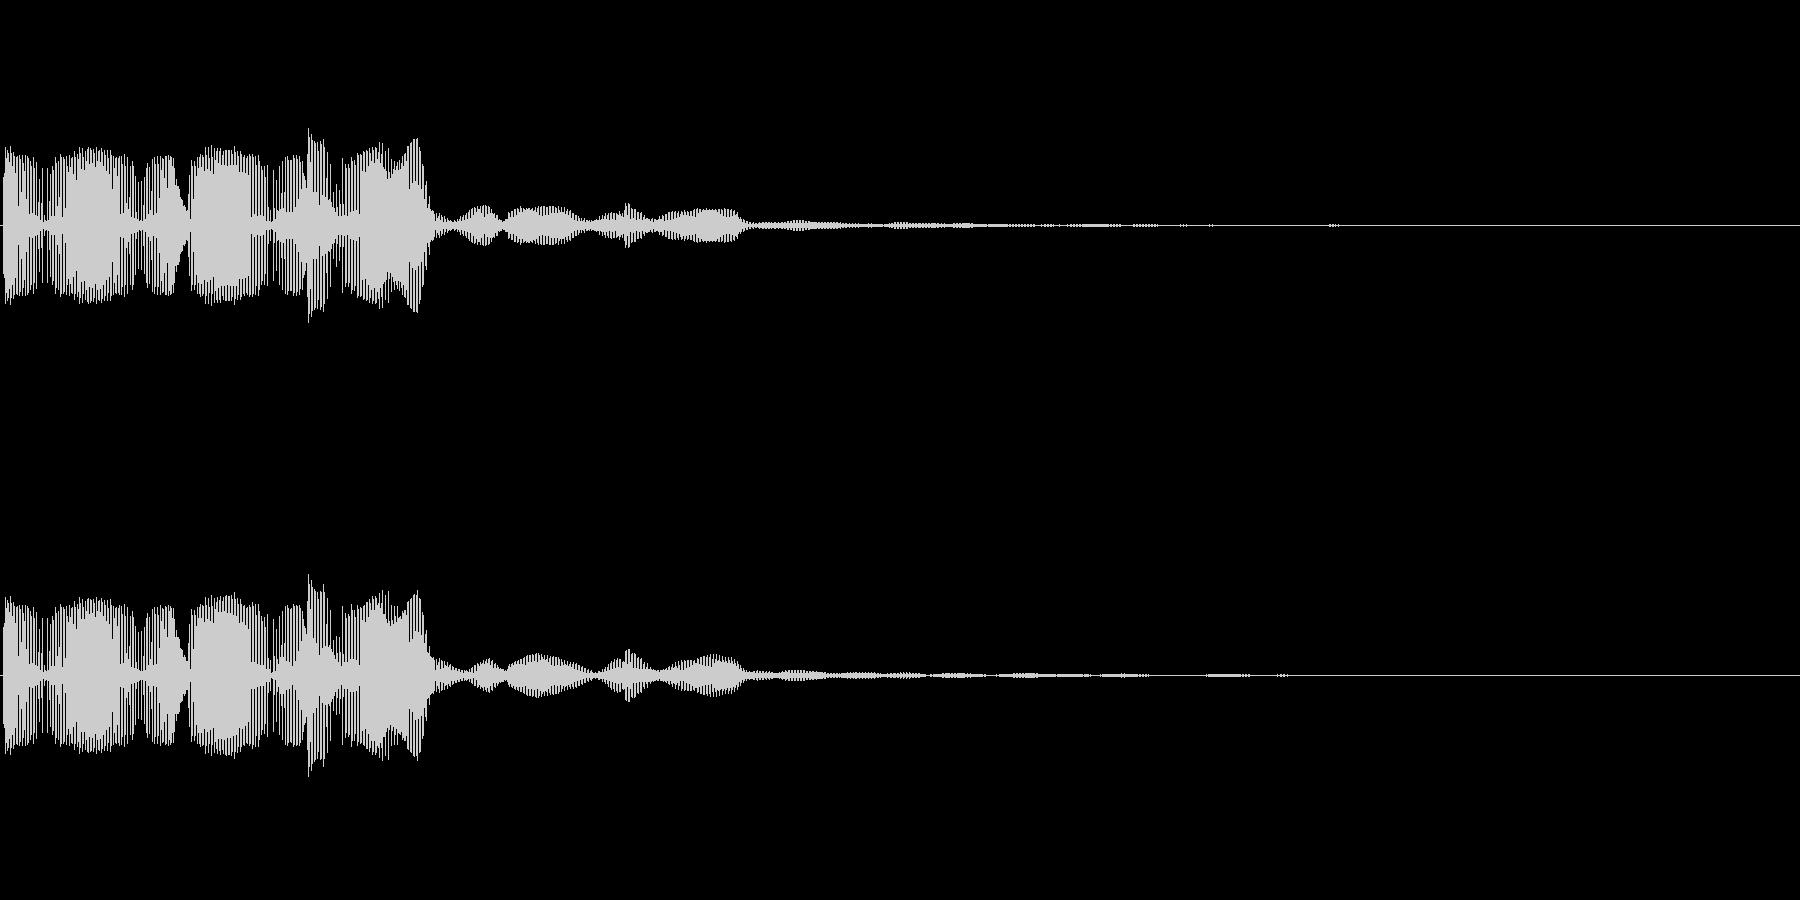 ブブー(ゲーム・アプリのエラー音)の未再生の波形